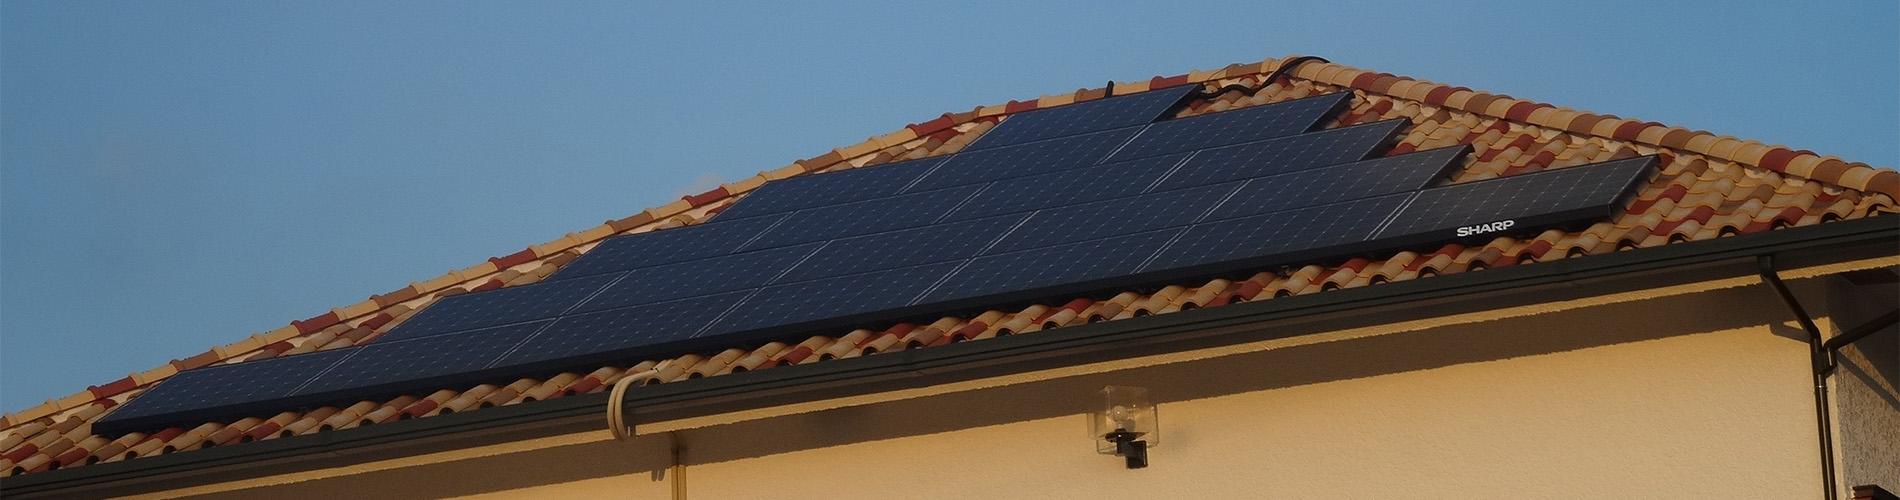 100年やってる瓦屋 屋根修理・屋根リフォームは香取市佐原の加藤瓦店